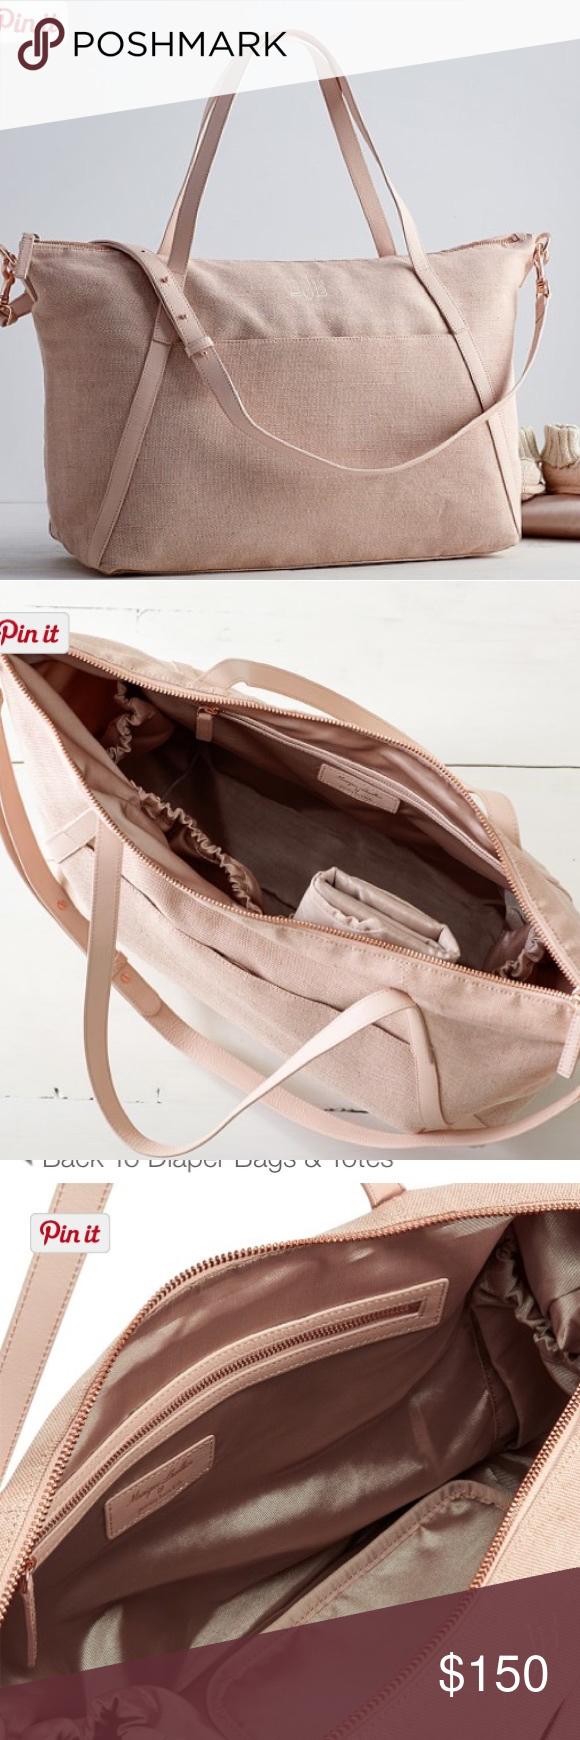 b6309e710620 Monique Lhuillier Blush Diaper Bag Monique Lhuillier Blush Diaper Bag This  well-organized diaper bag